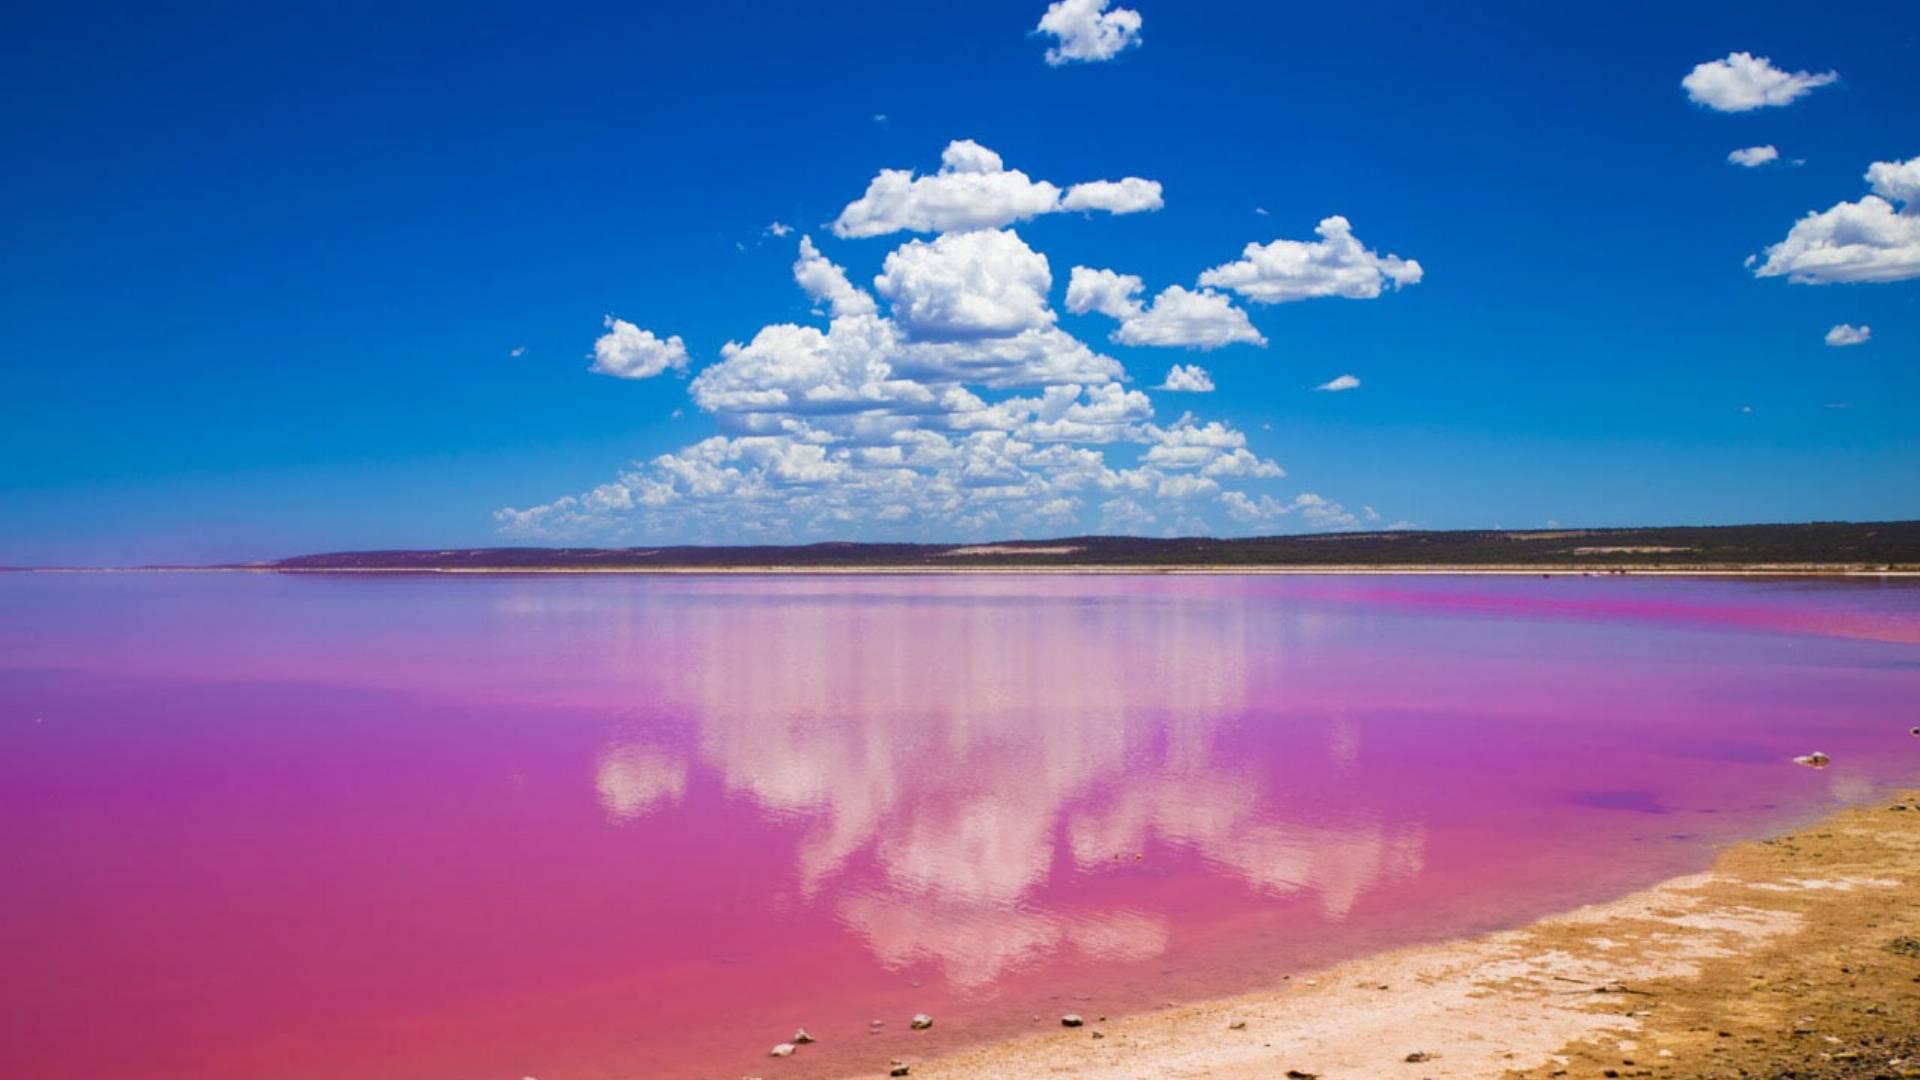 розовый озер фото